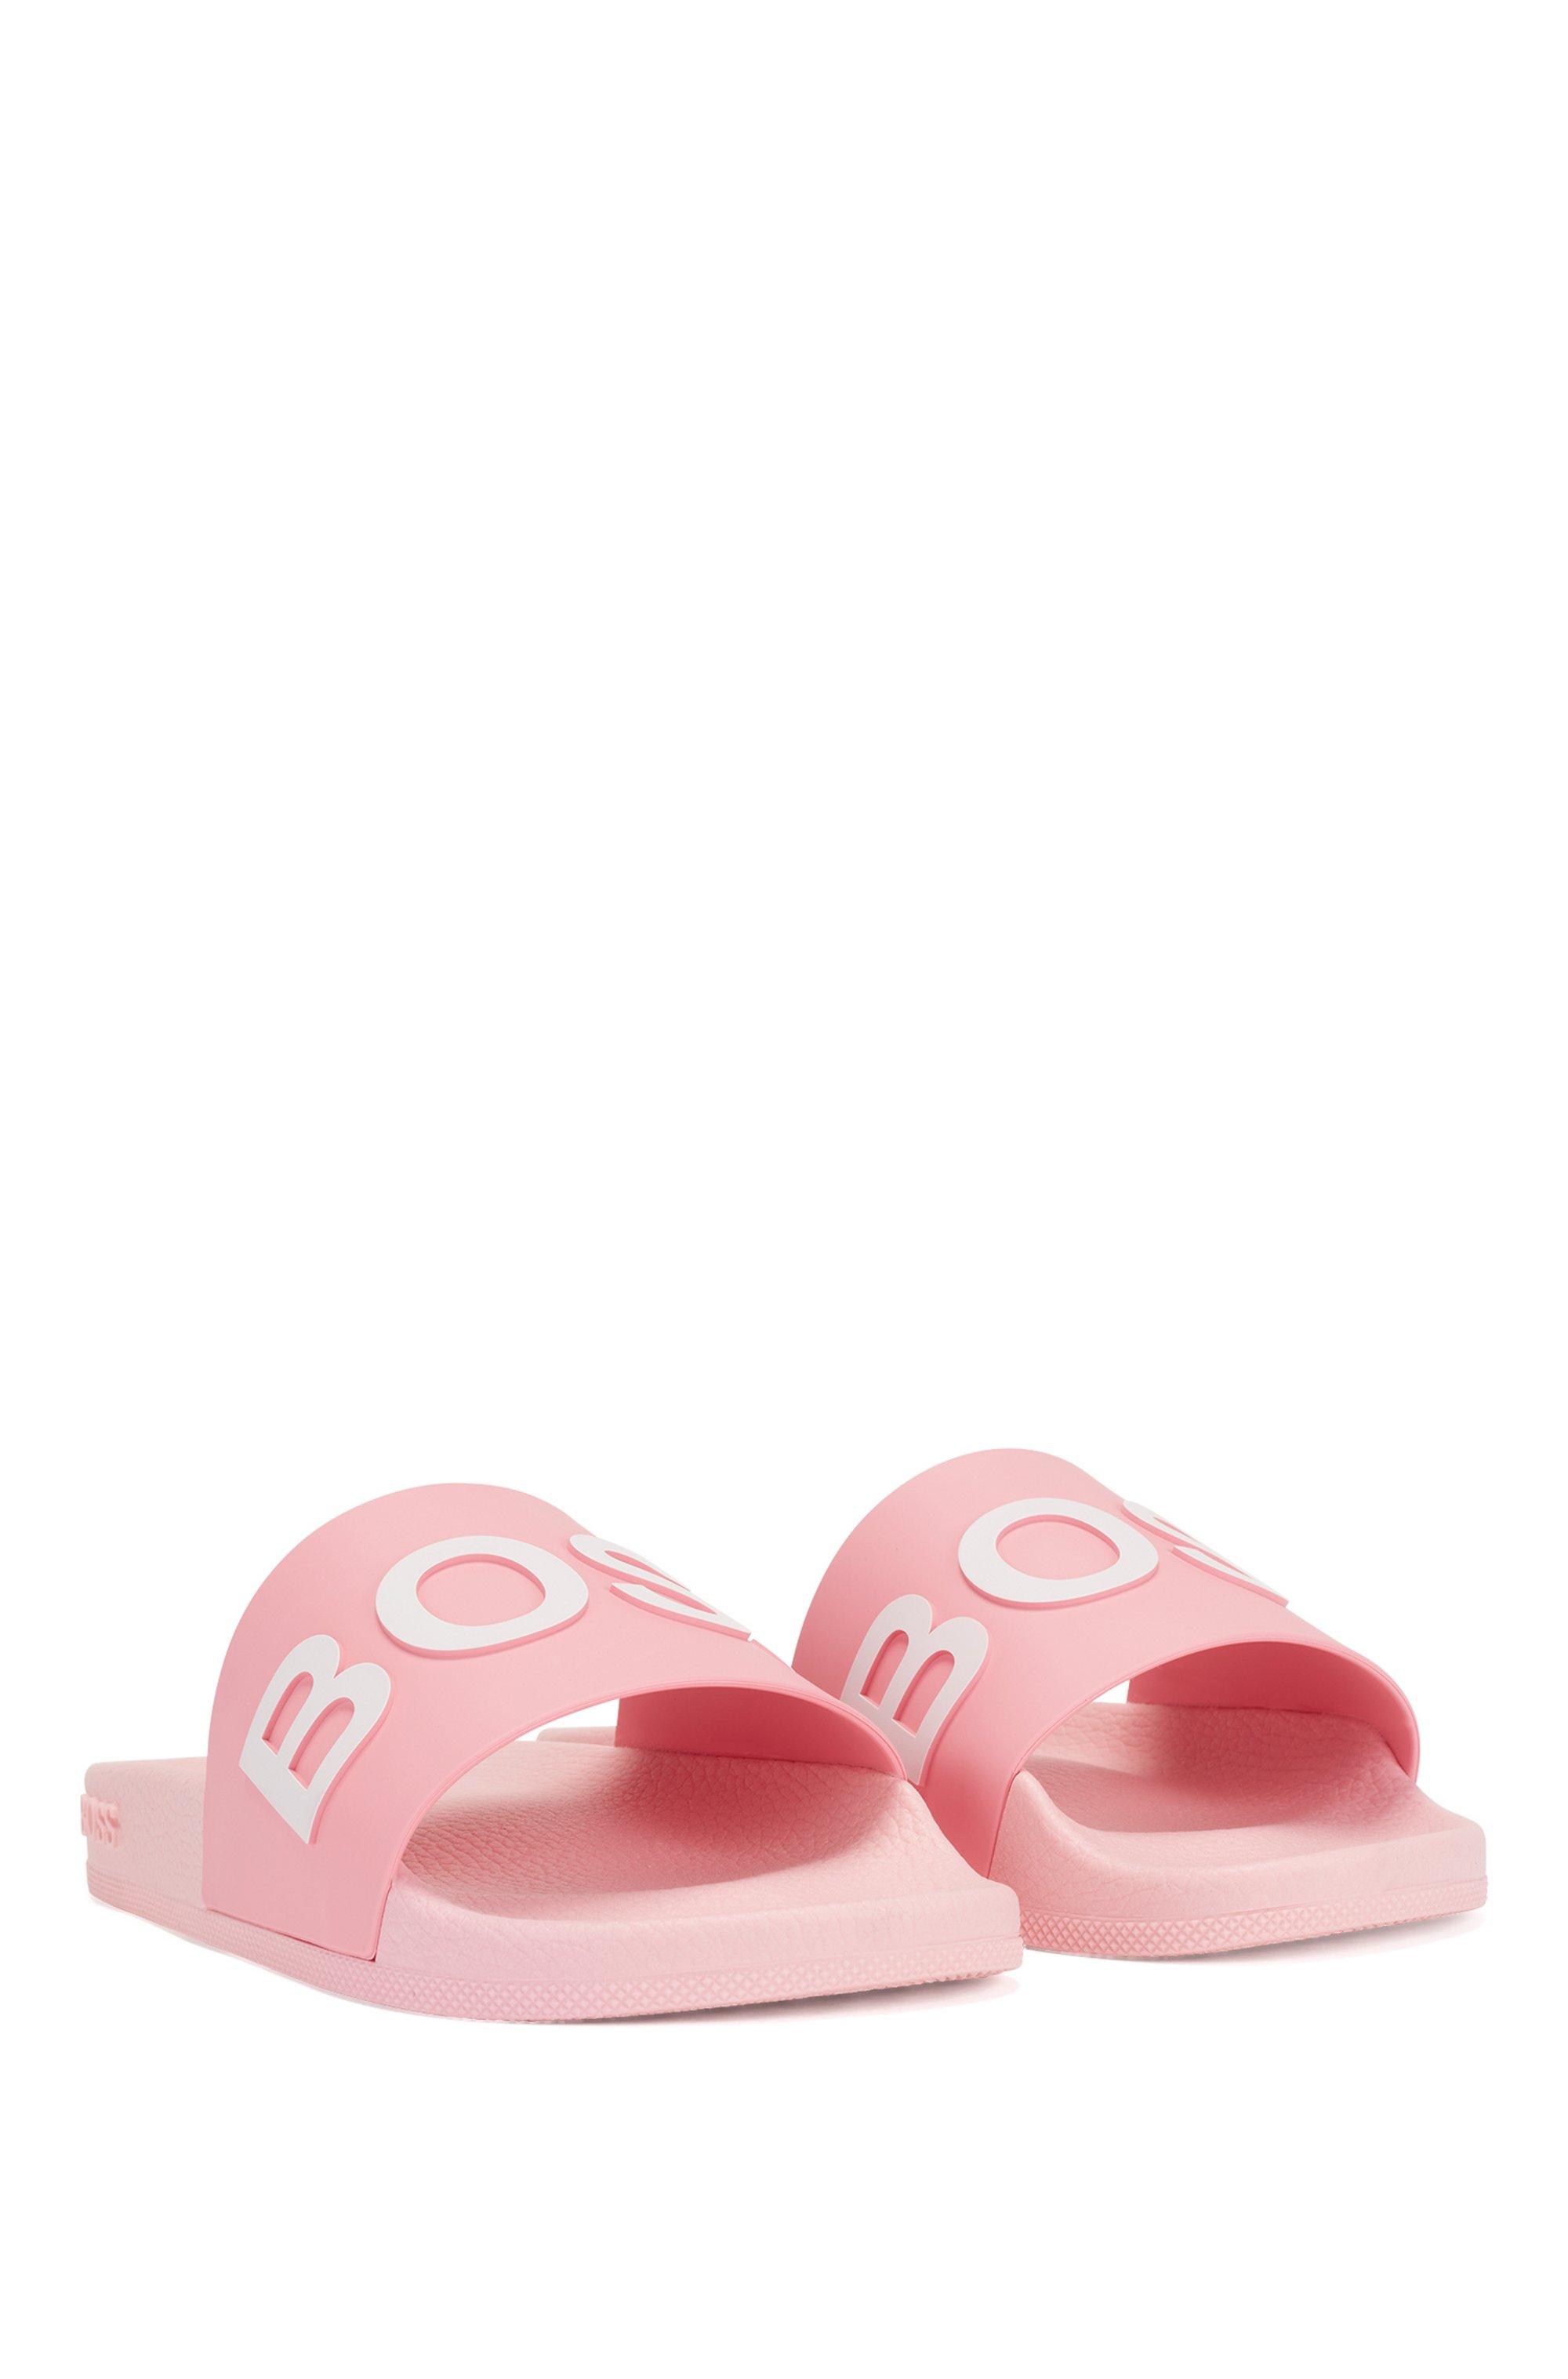 Slides mit Logo und geformtem Fußbett